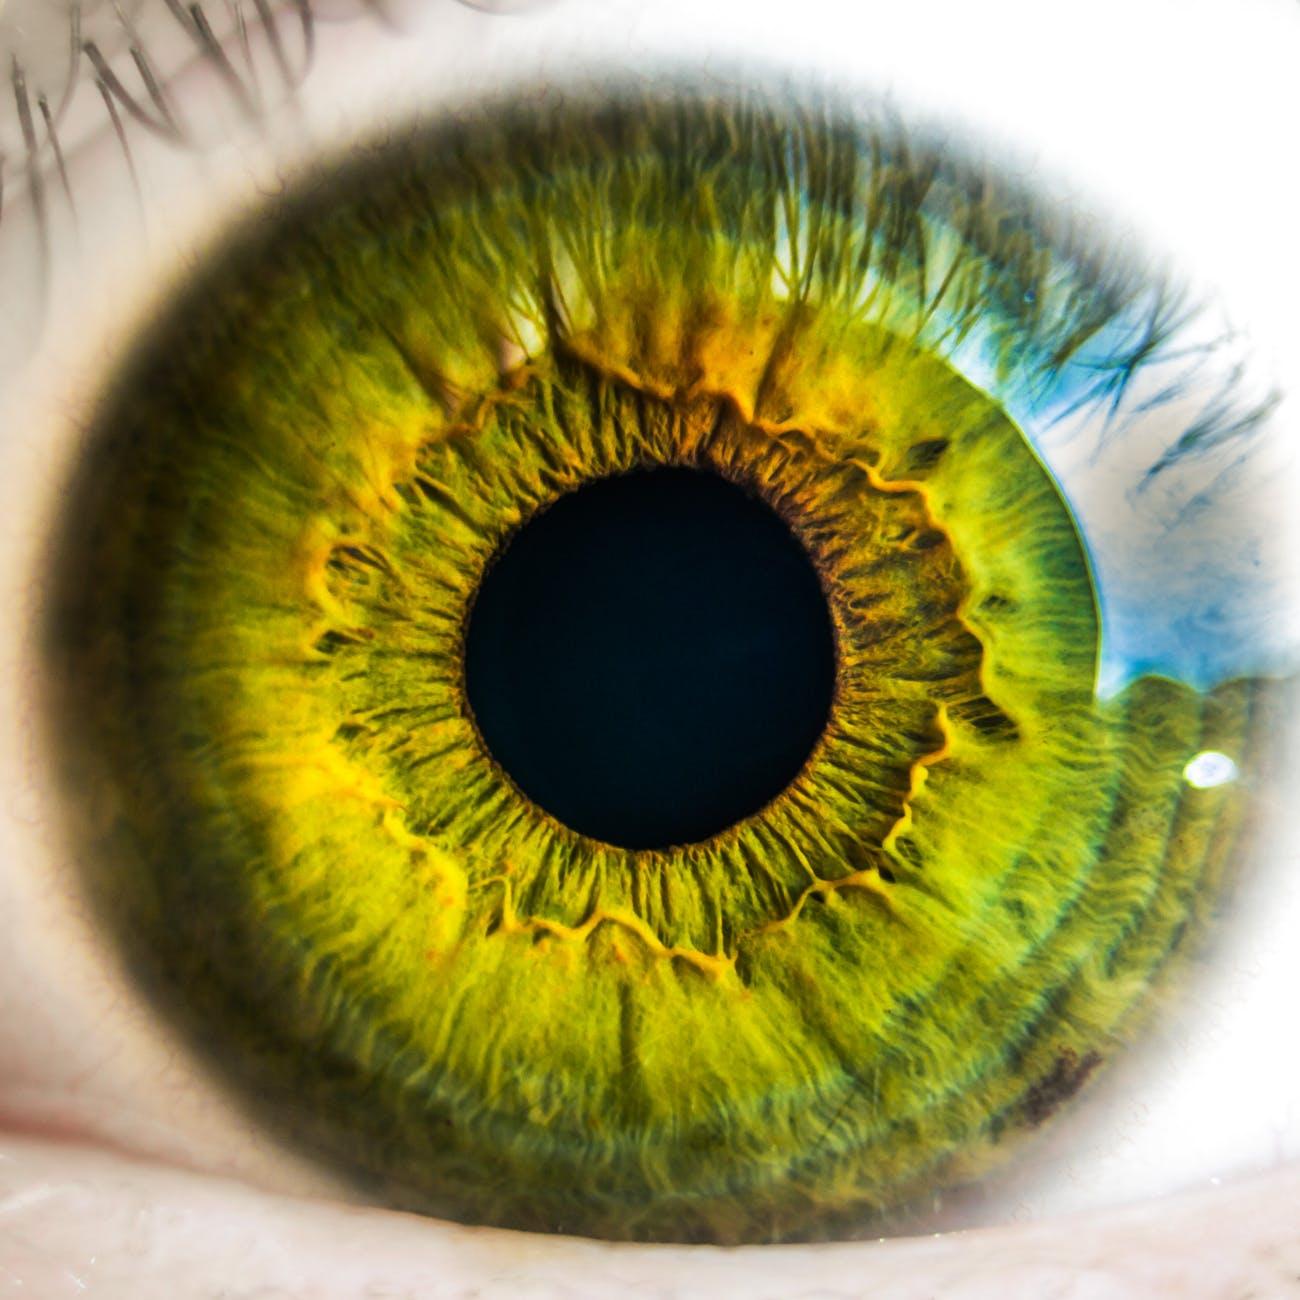 ضعف البصر تقوية البصر